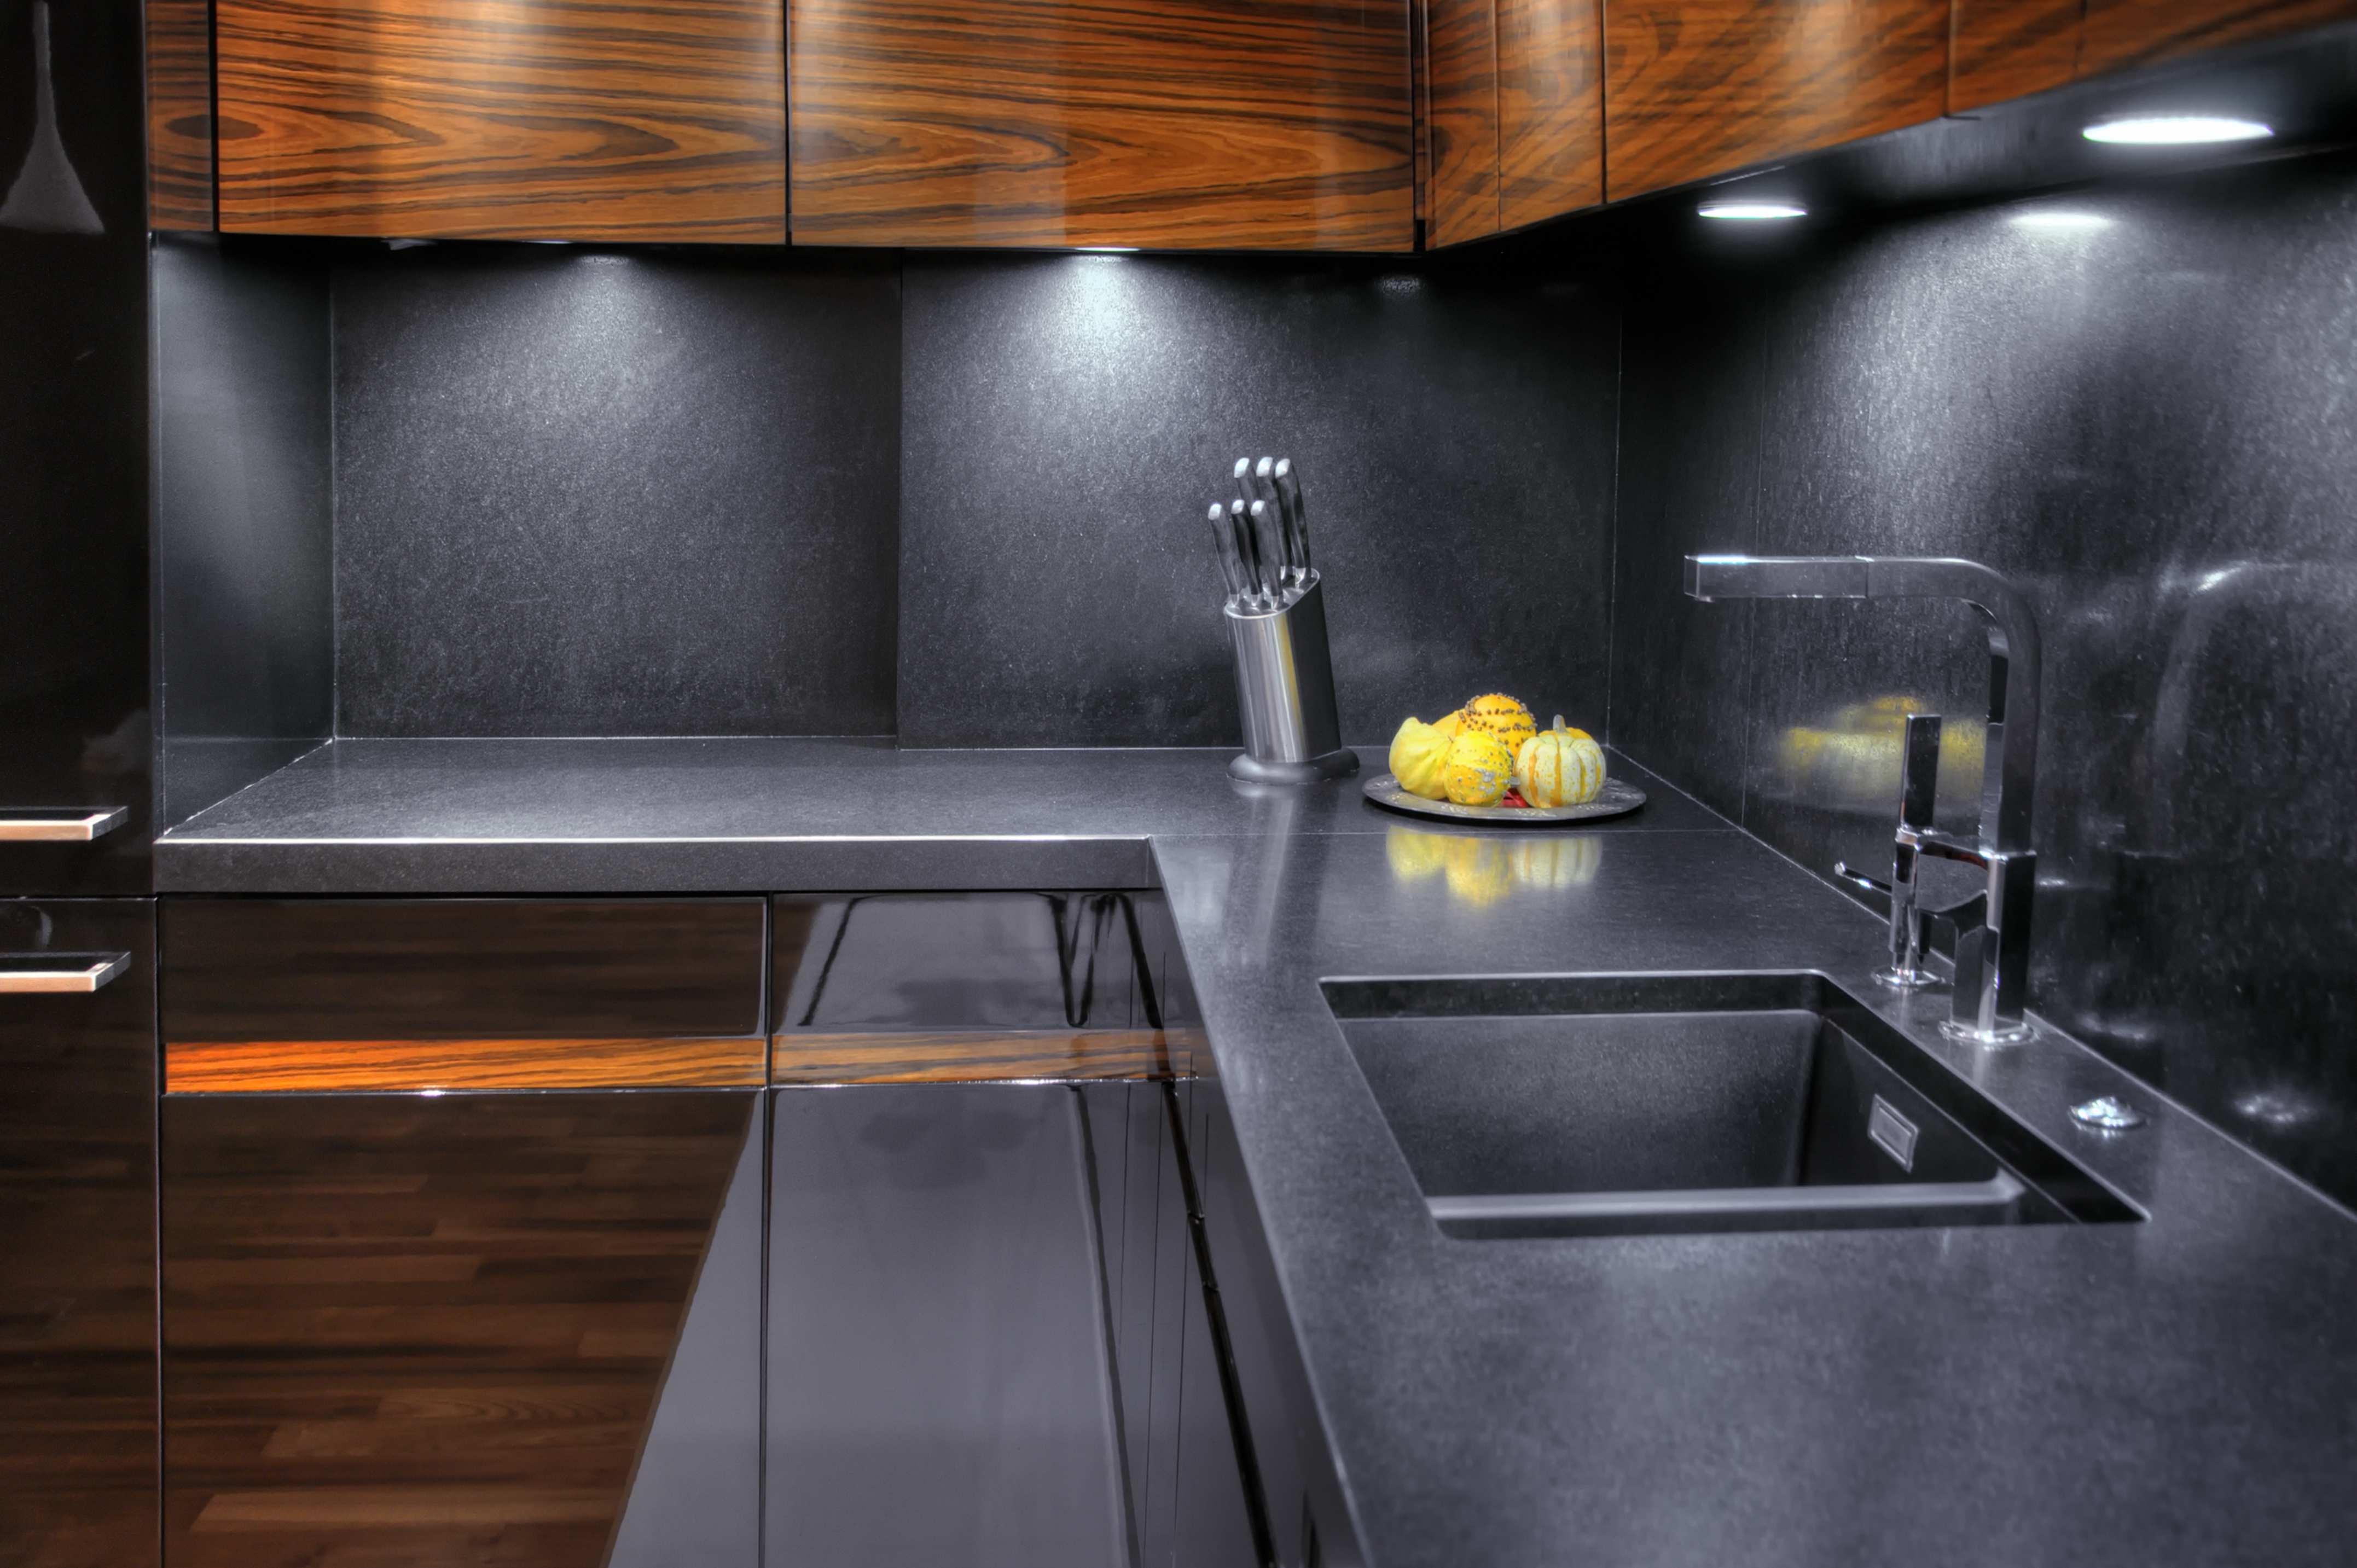 Popularne obiekty Prodmar - Producent Marmury, Granity, Konglomeraty, Blaty kuchenne  #JR-41